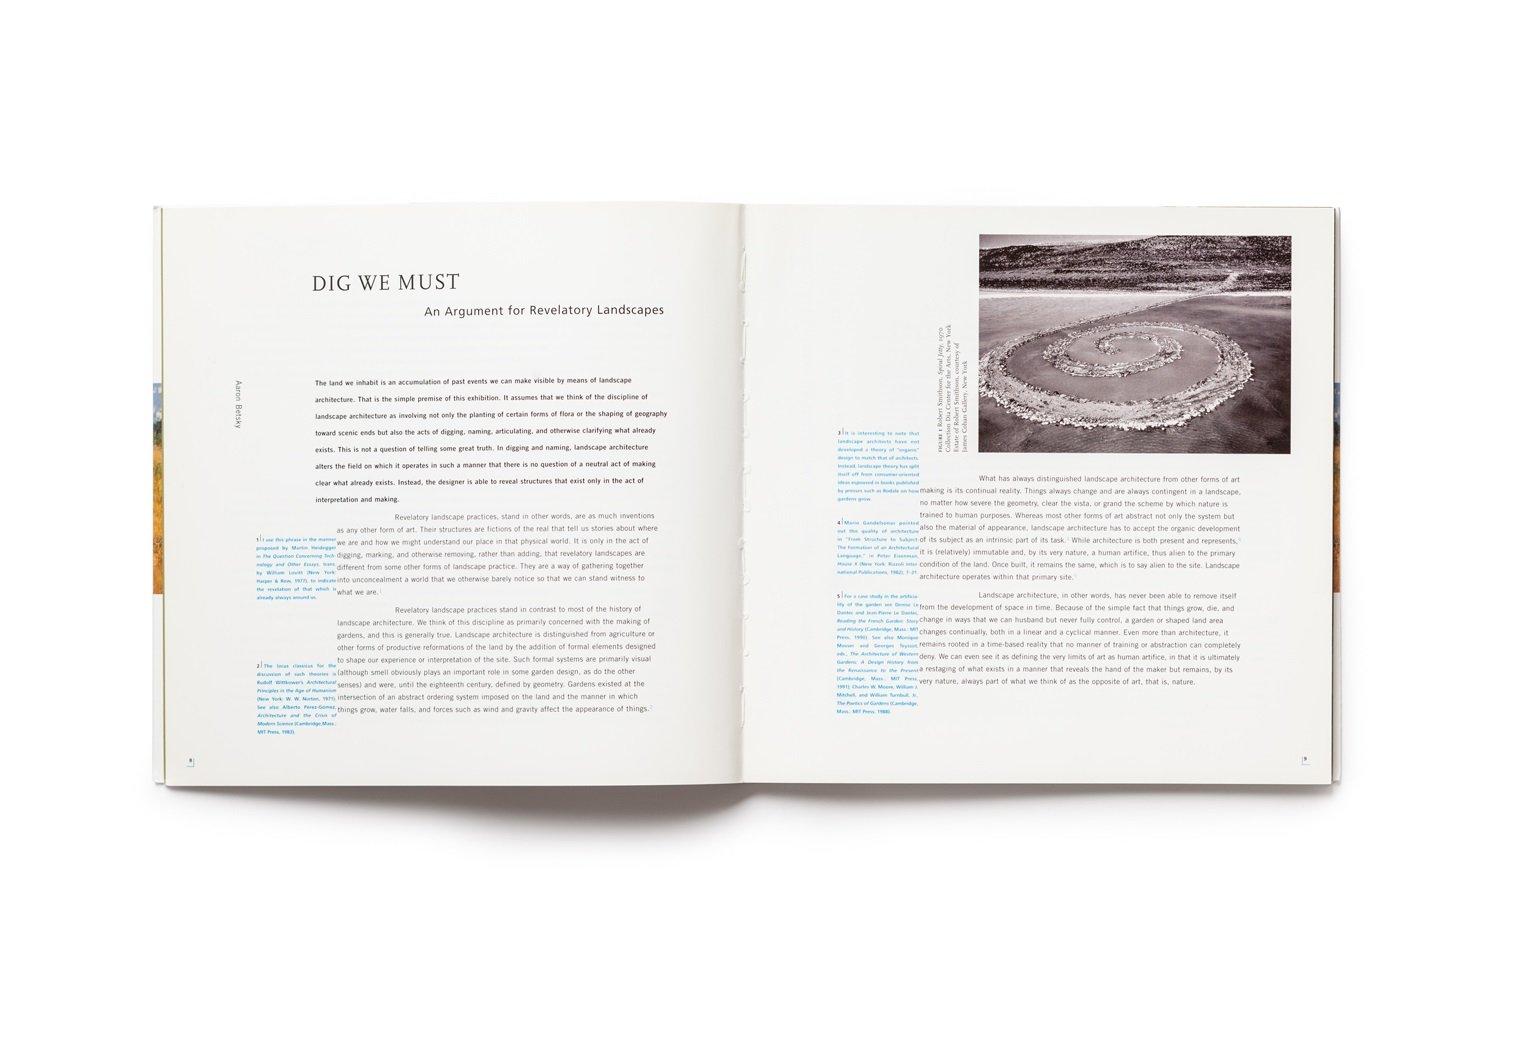 Revelatory Landscapes publication pages 8-9